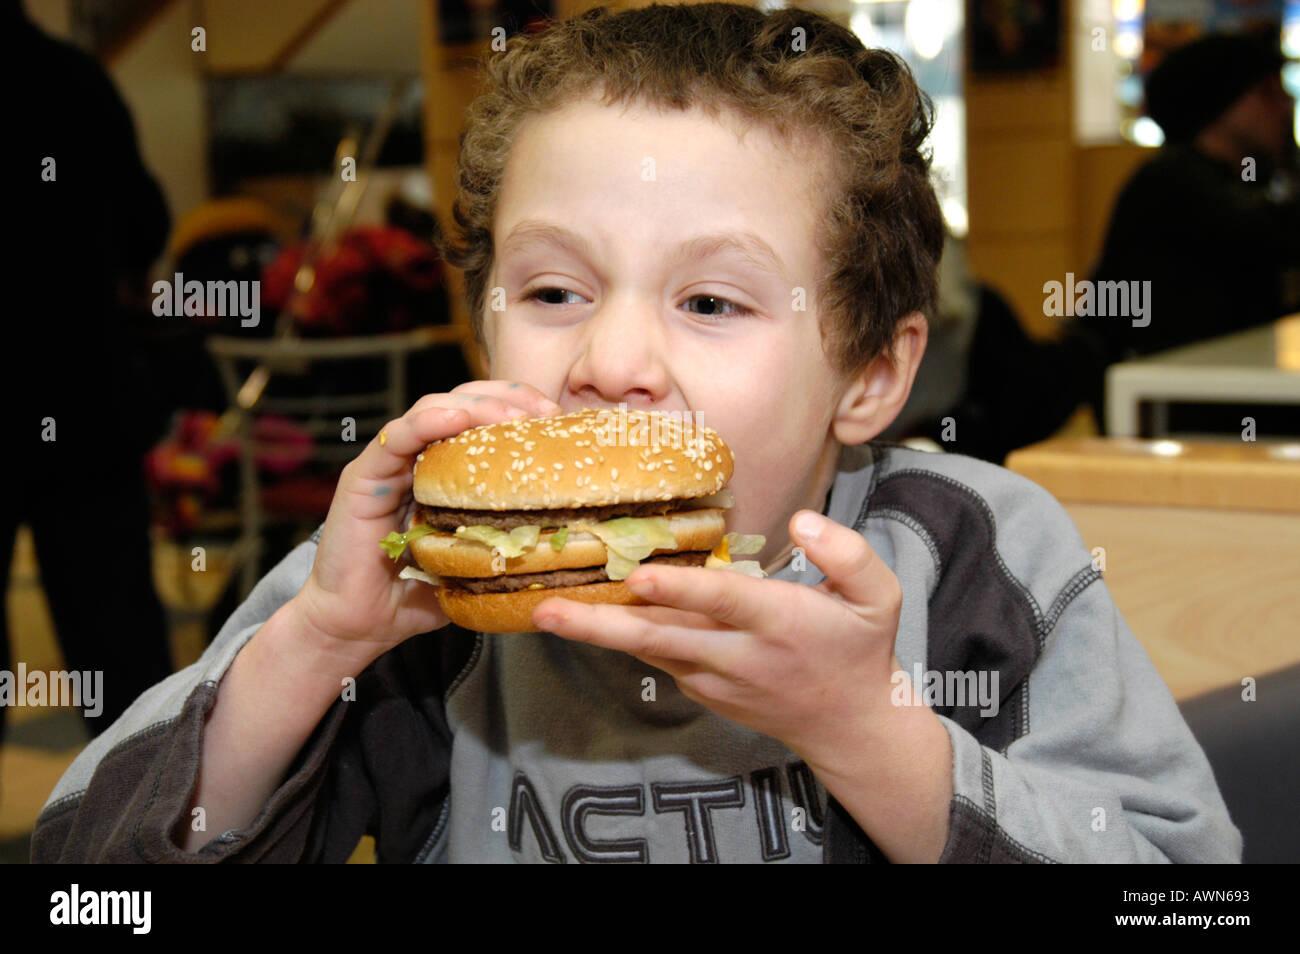 Small boy eating Mcdonald's Big Mac Burger England UK - Stock Image